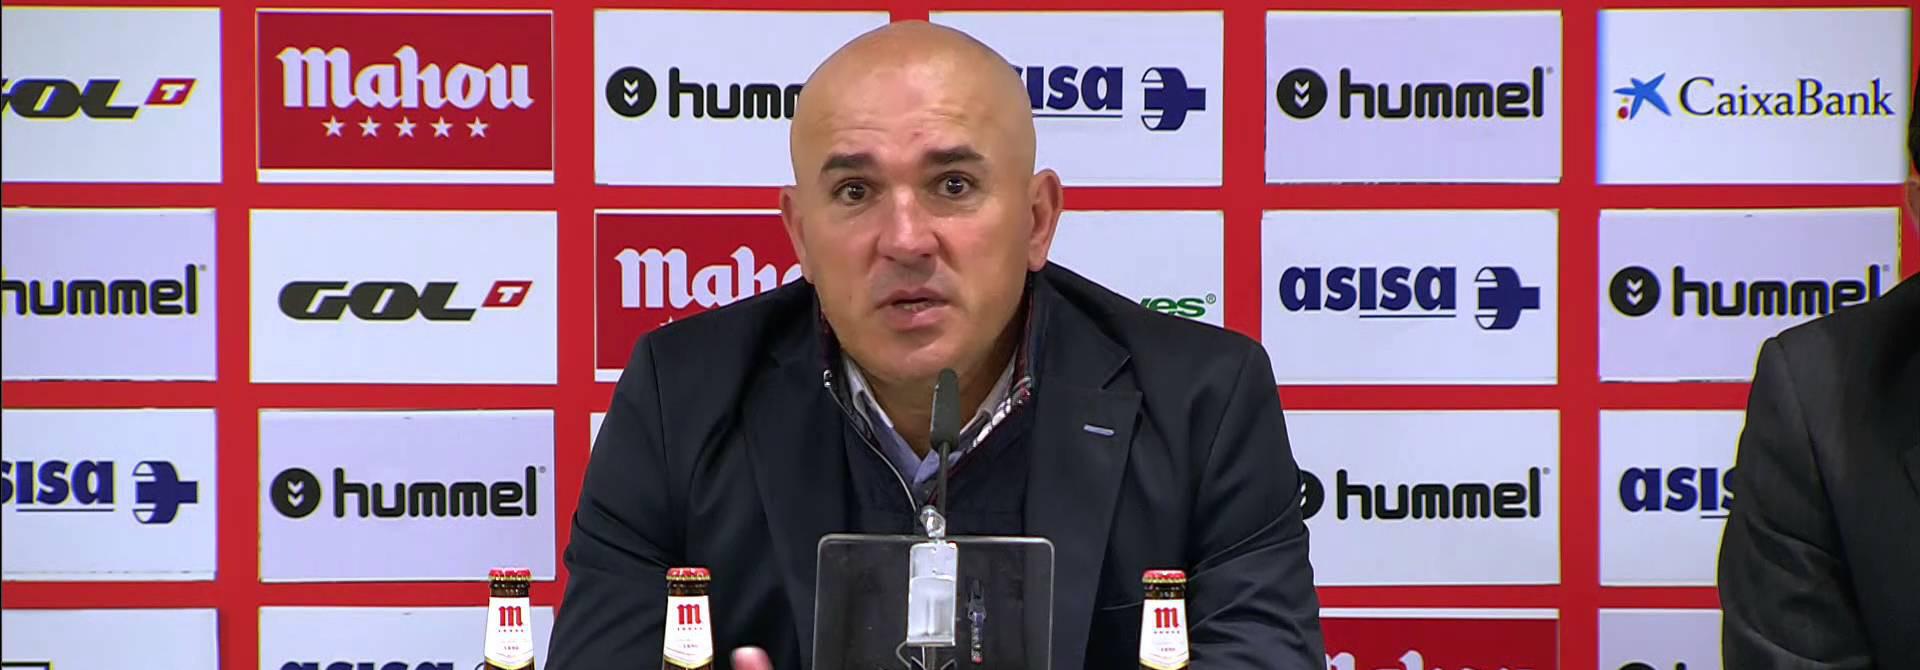 Luis César Sampedro durante aquella rueda de prensa tras ganar (1-0) al Elche CF <em><strong>(Imagen Vía YouTube)</strong></em>